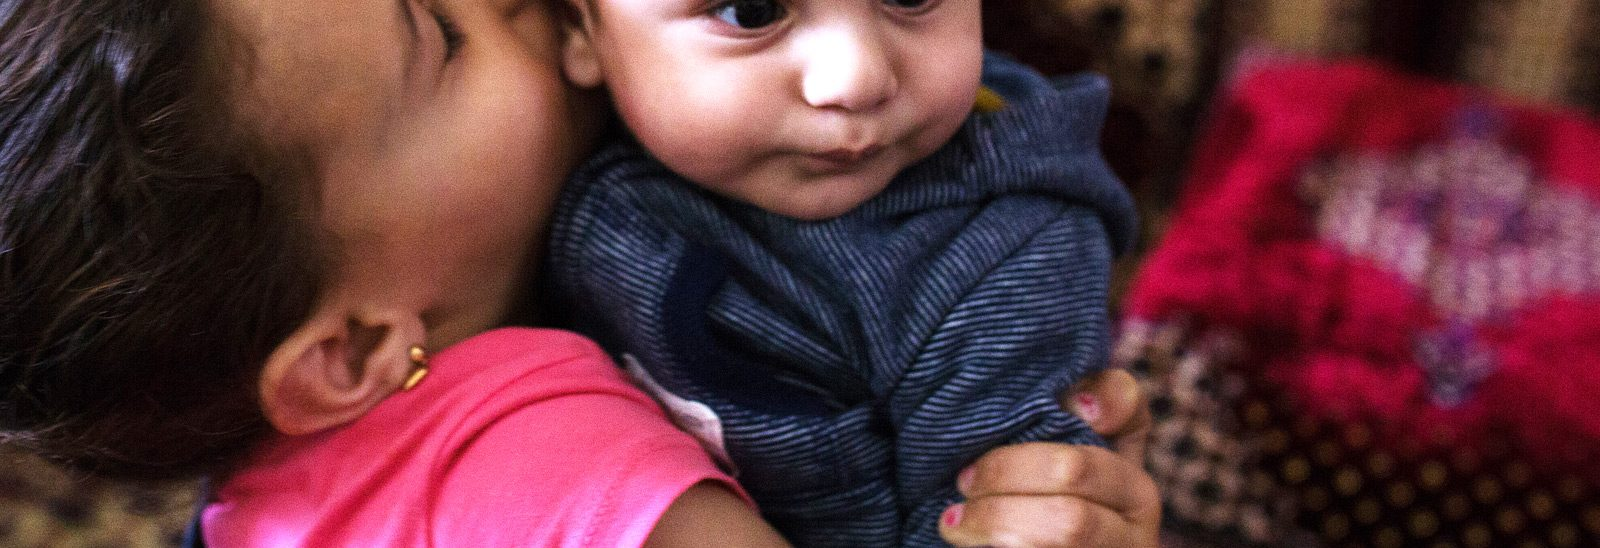 Kuvassa lapsi pussaa hellästi pikkuvauvaa